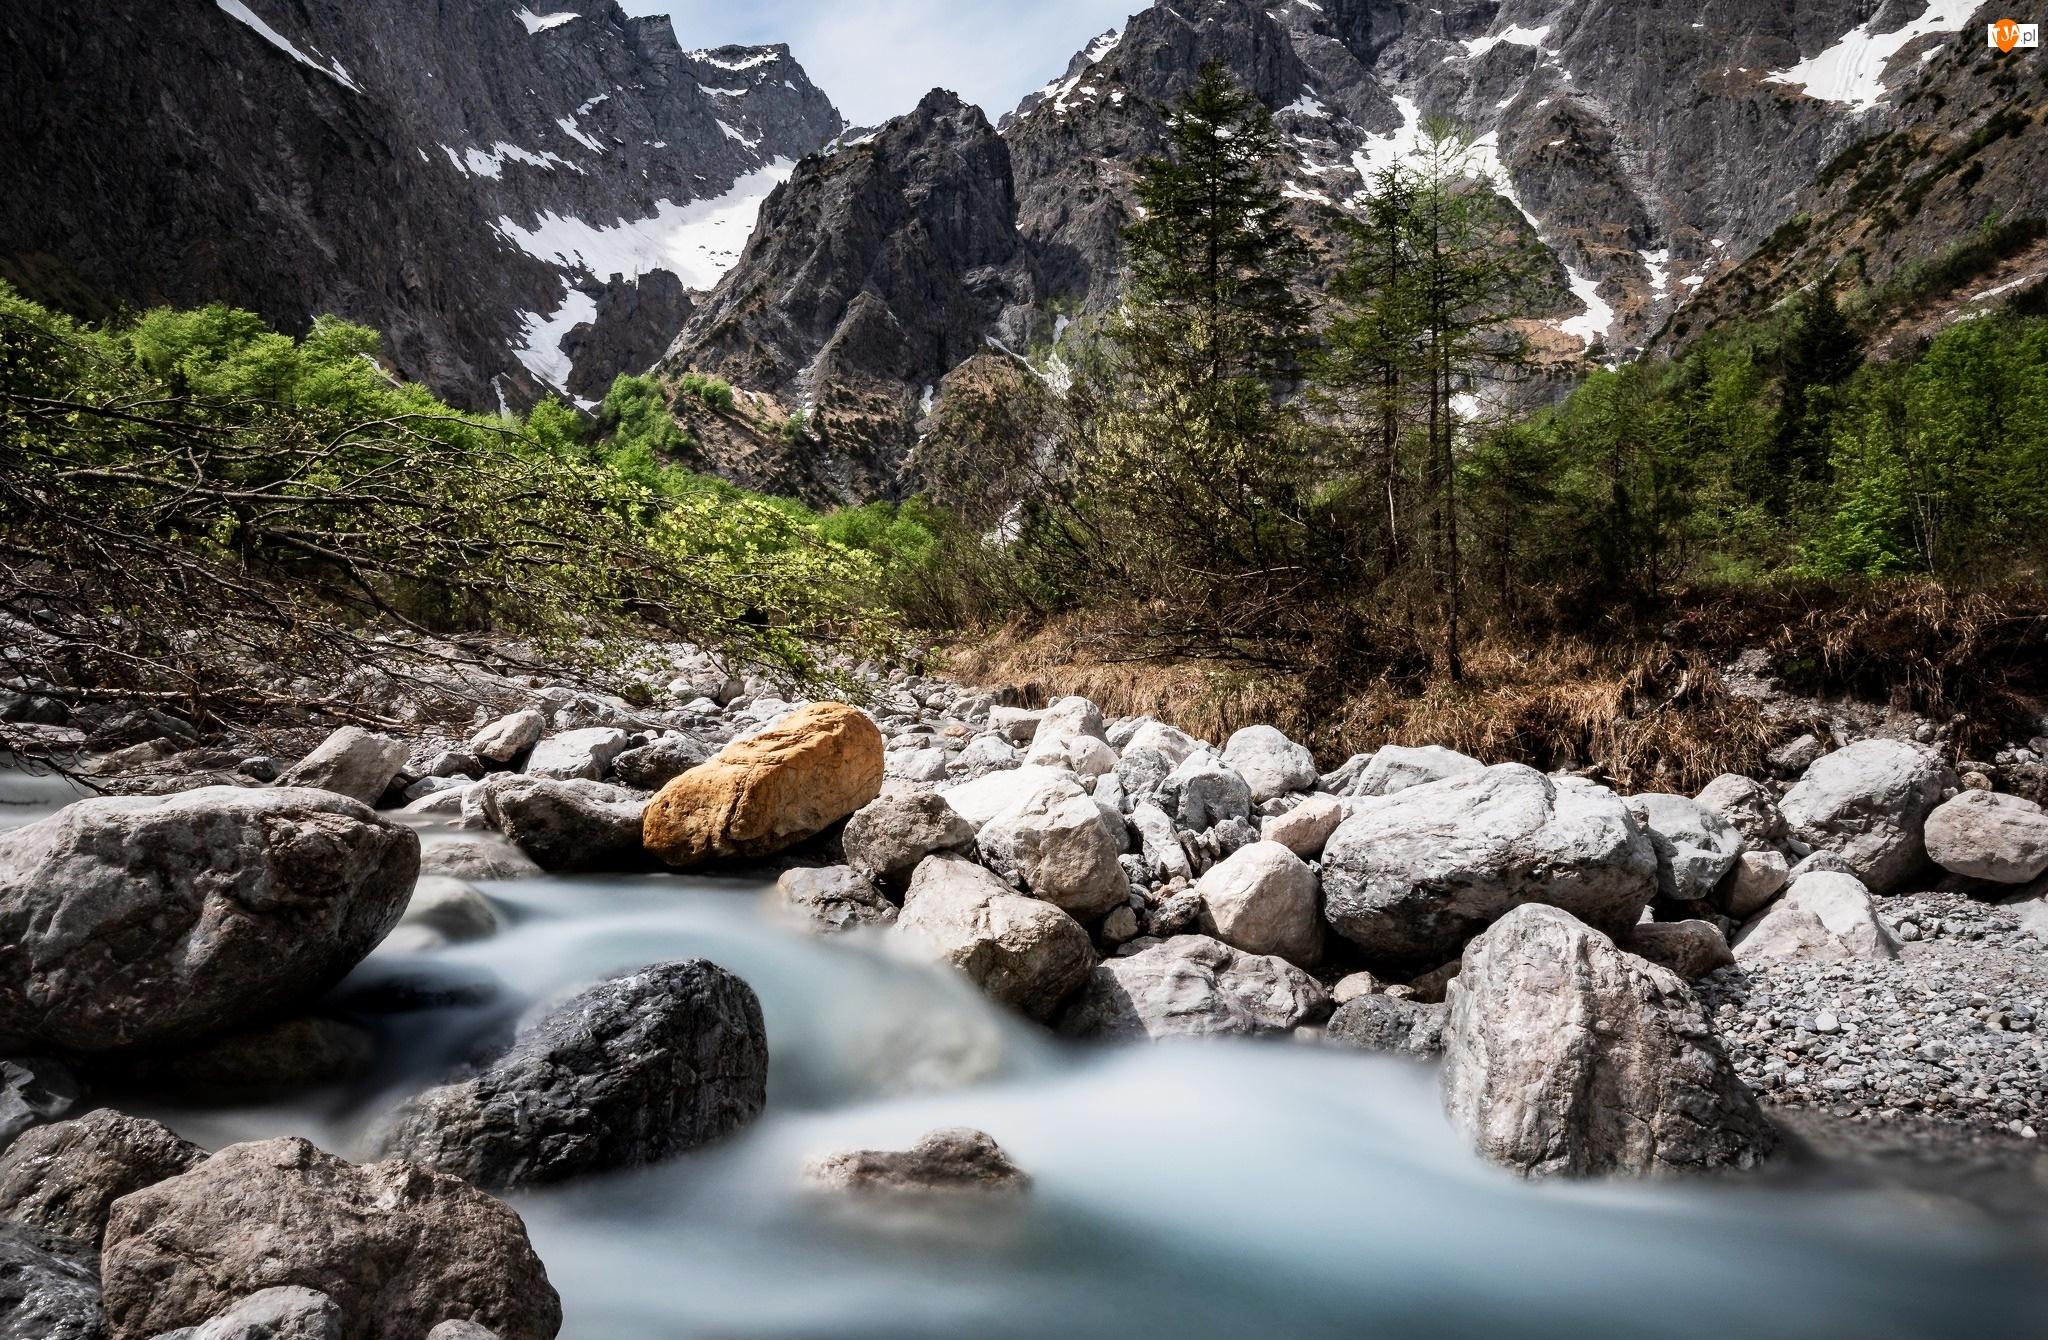 Rzeka Eisbach, Góry, Drzewa, Gmina Berchtesgaden, Alpy Salzburskie, Kamienie, Niemcy, Śnieg